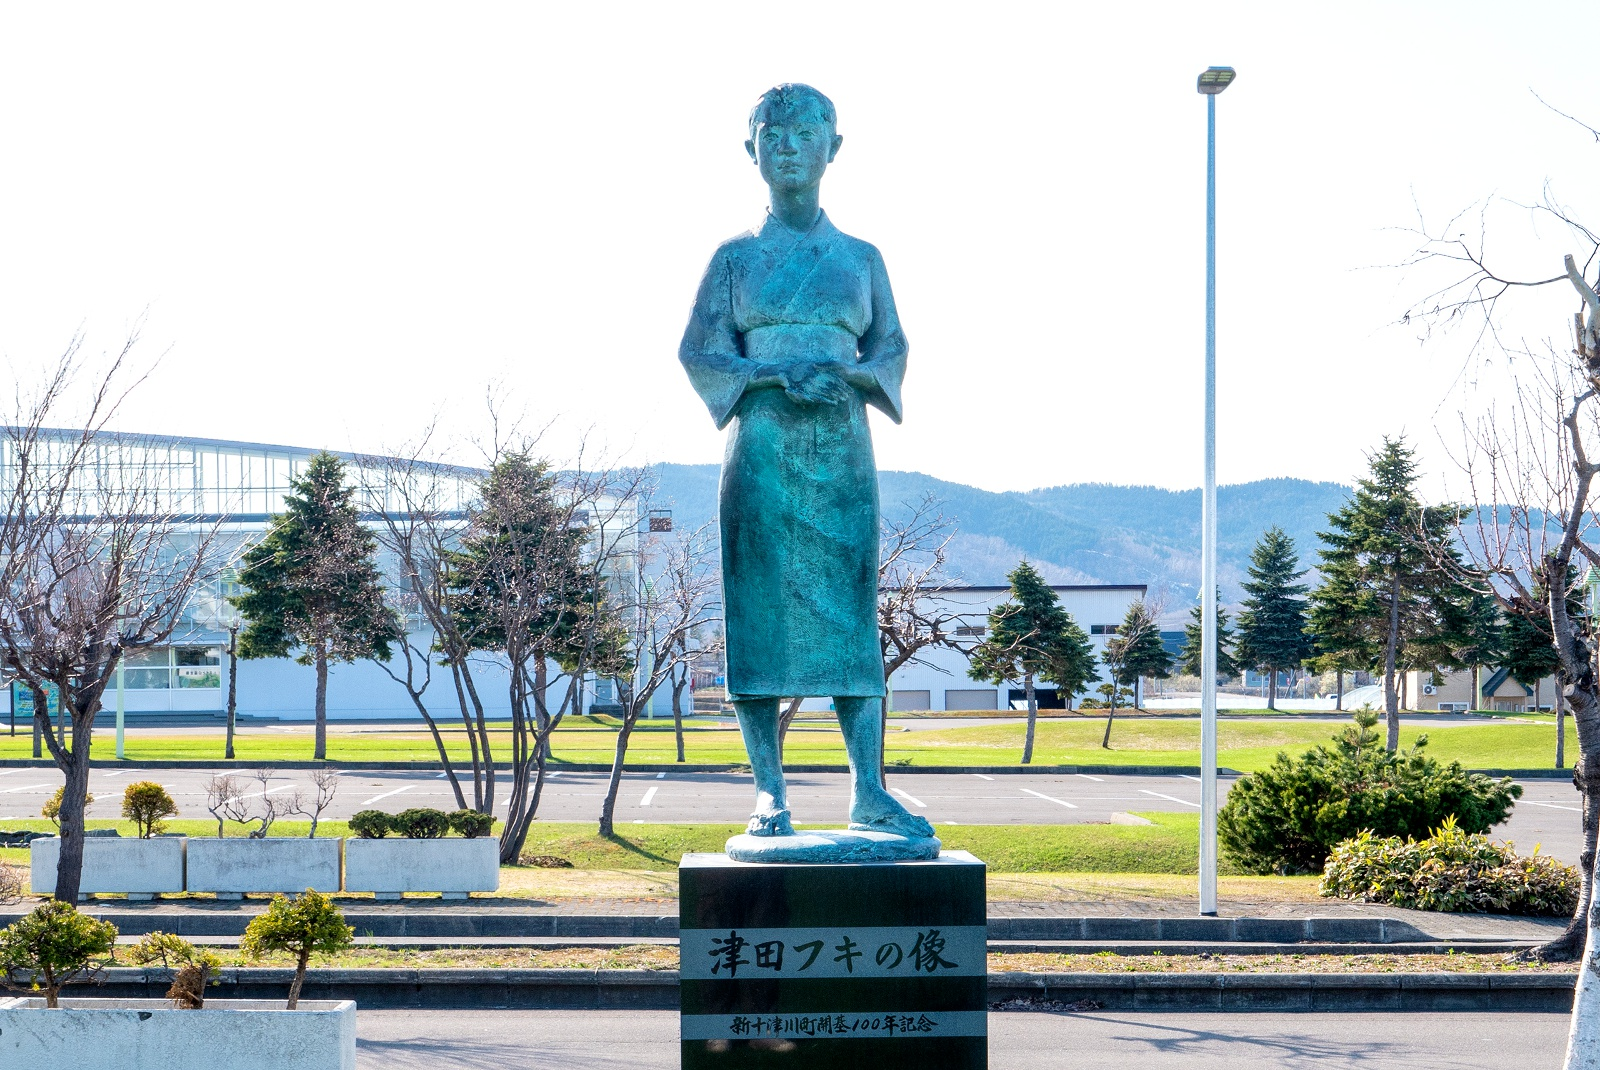 小説やドラマにもなった!新十津川町の特異な歴史を2つの記念館で学ぶ